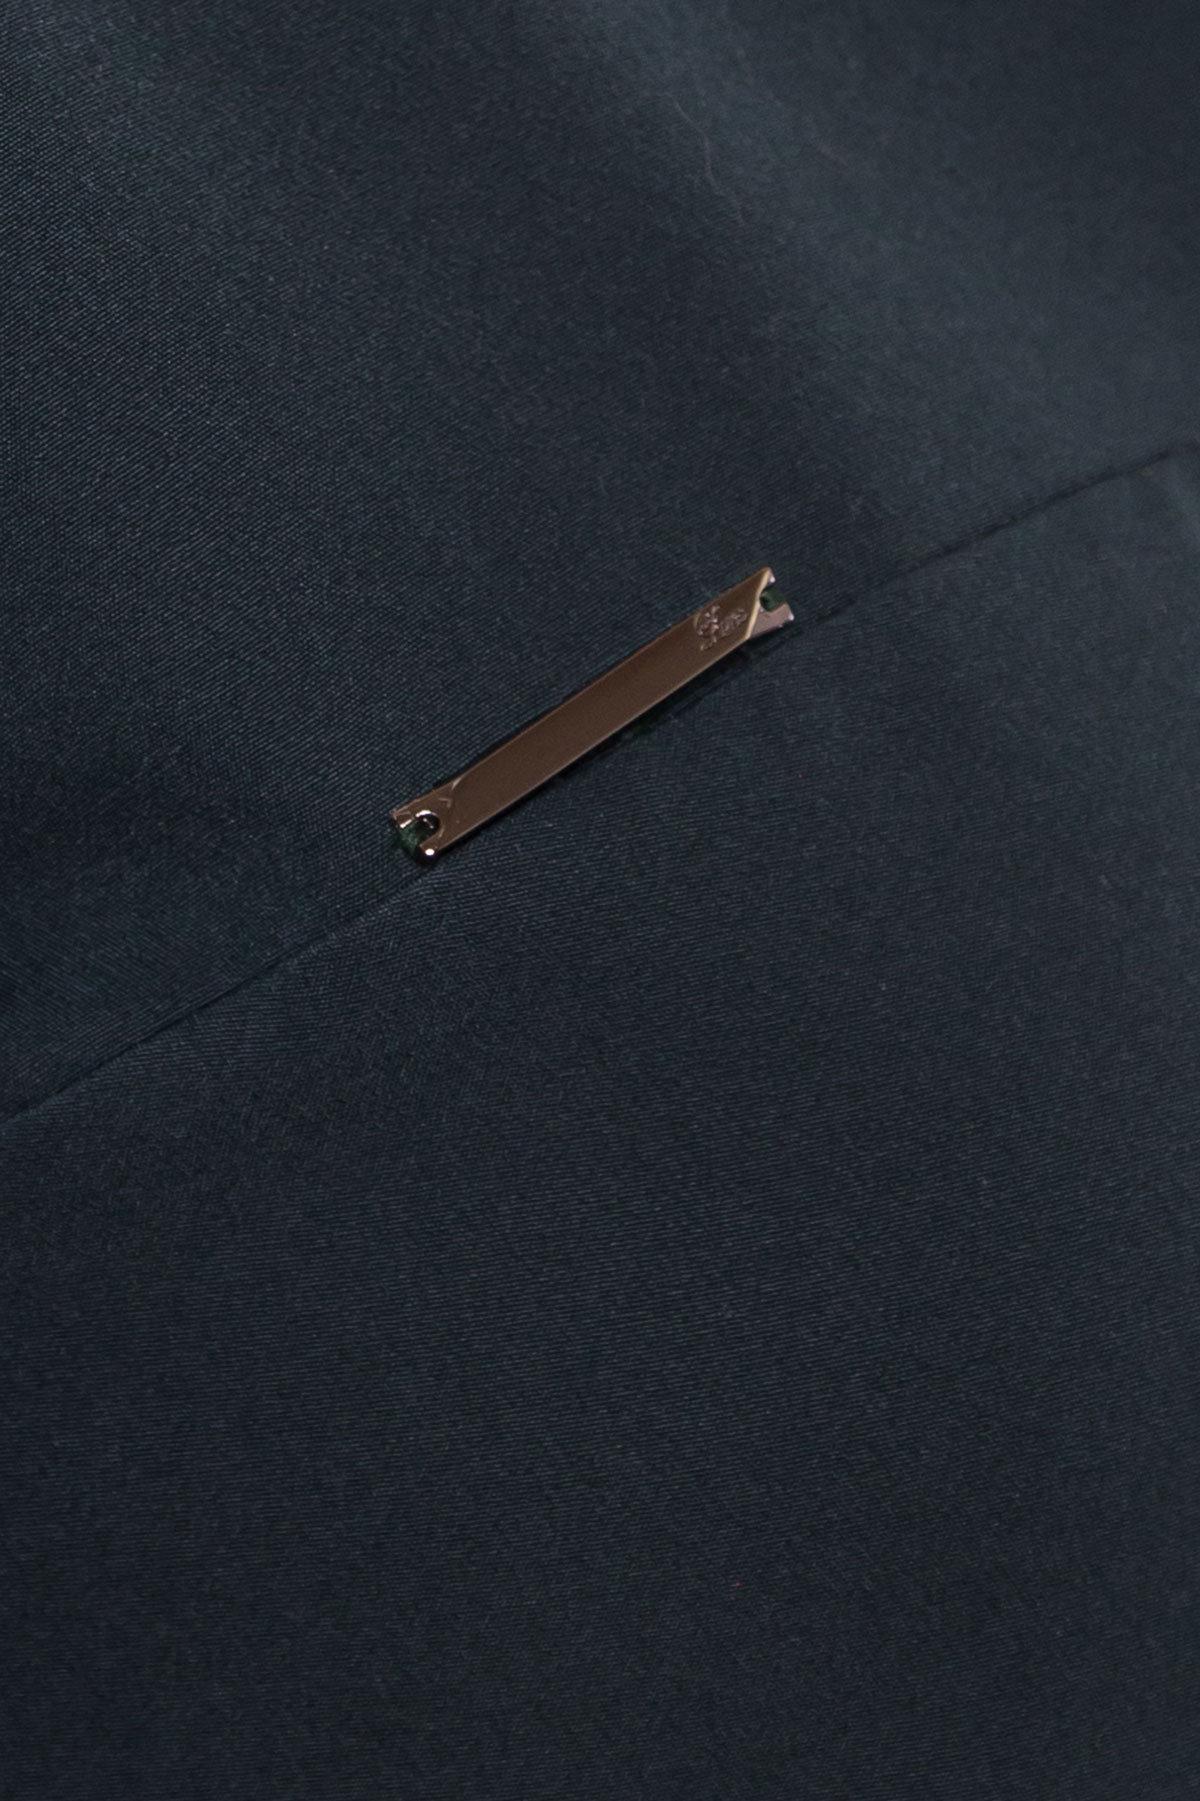 Двухуровневое платье Далафер 8517 АРТ. 44827 Цвет: Зеленый Темный - фото 4, интернет магазин tm-modus.ru